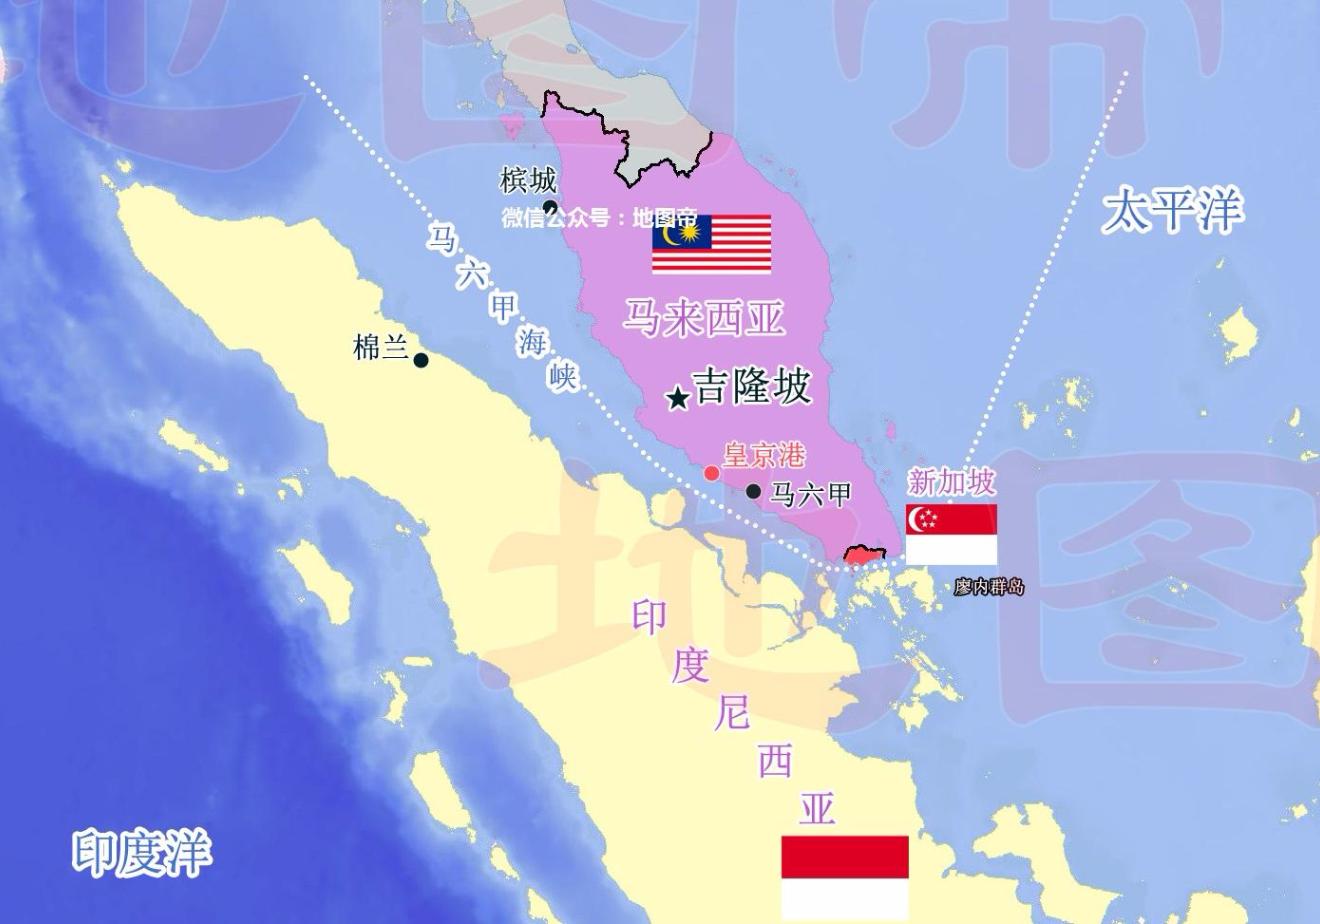 一、马六甲海峡那么长,为何只有新加坡繁荣了? 新加坡位置在马来半岛南部、马六甲海峡东南部,是一个岛屿,面积716.1平方公里,约在中国第三大岛崇明岛和第四大岛舟山岛之间,大概是香港的2/3强。 图:新加坡位置  马六甲海峡货物进出量,是苏伊士运河的3倍,巴拿马运河的5倍,堪称世界第一海峡。 很多人都有这个疑问:马六甲海峡超过1000公里,为何占据海峡大部分地区的马来西亚、印度尼西亚没有一个港口繁荣起来,唯独新加坡成了世界第一中转站,人均GDP常年位居世界前几位? 马六甲海峡是西北东南走向的一个海峡,西侧的